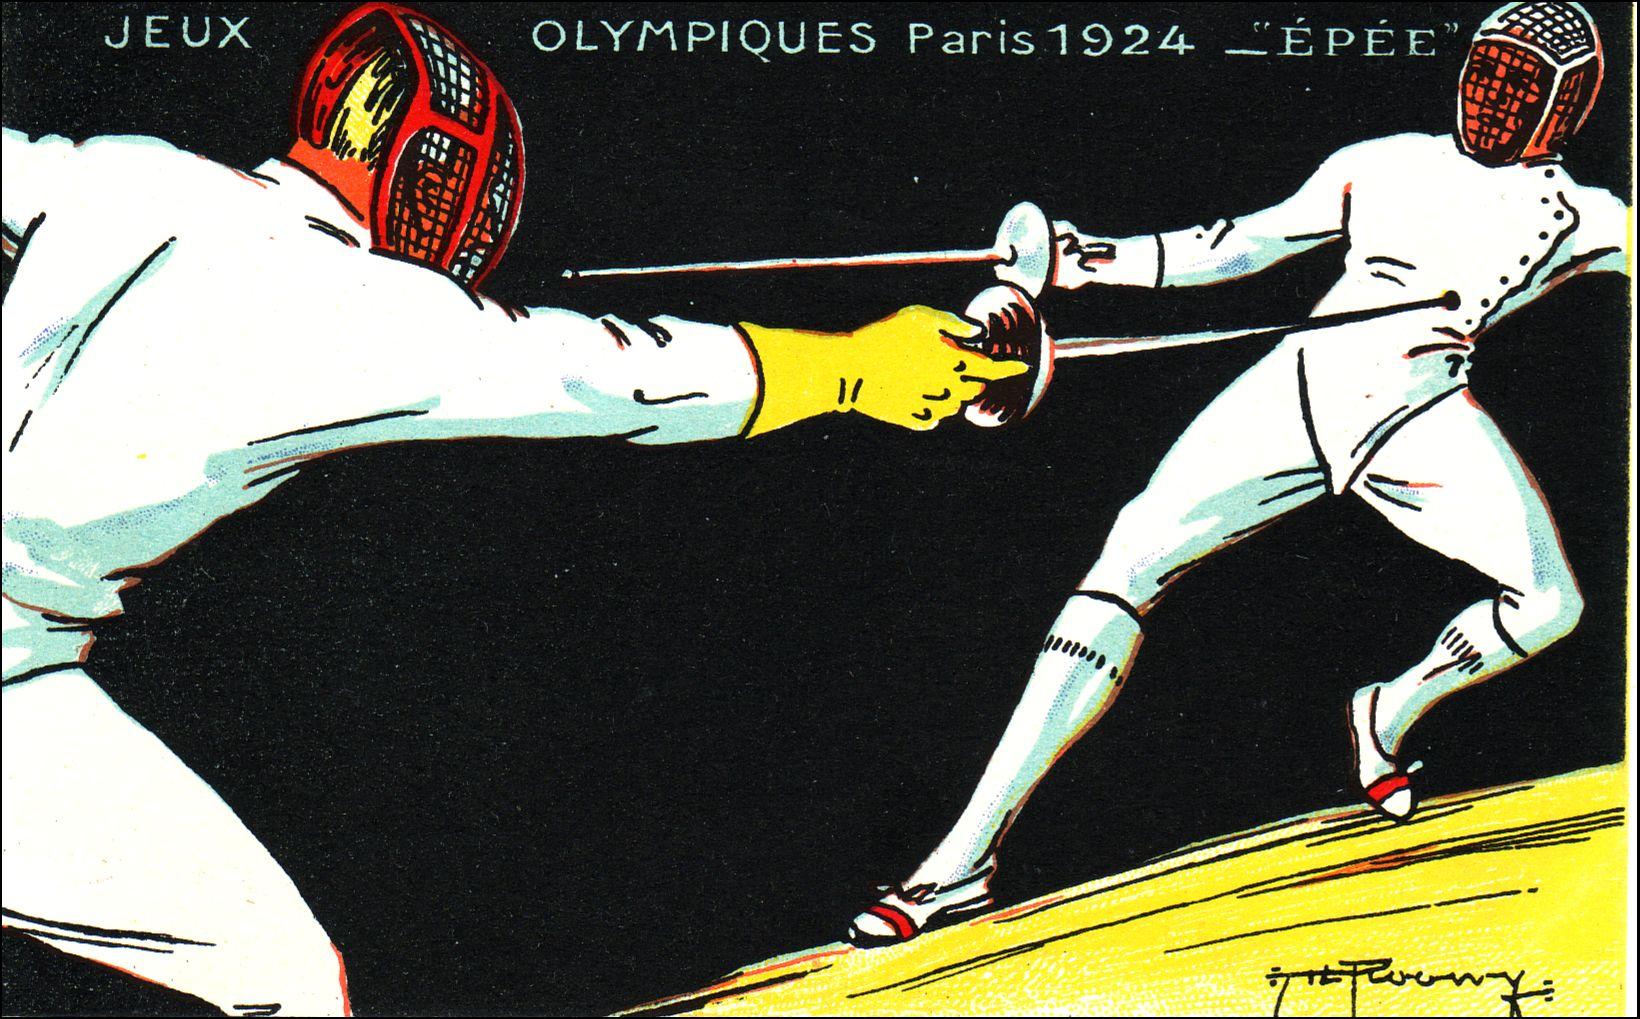 Le Français Roger Ducret s'impose à l'épée par équipe face à l'équipe Belge.